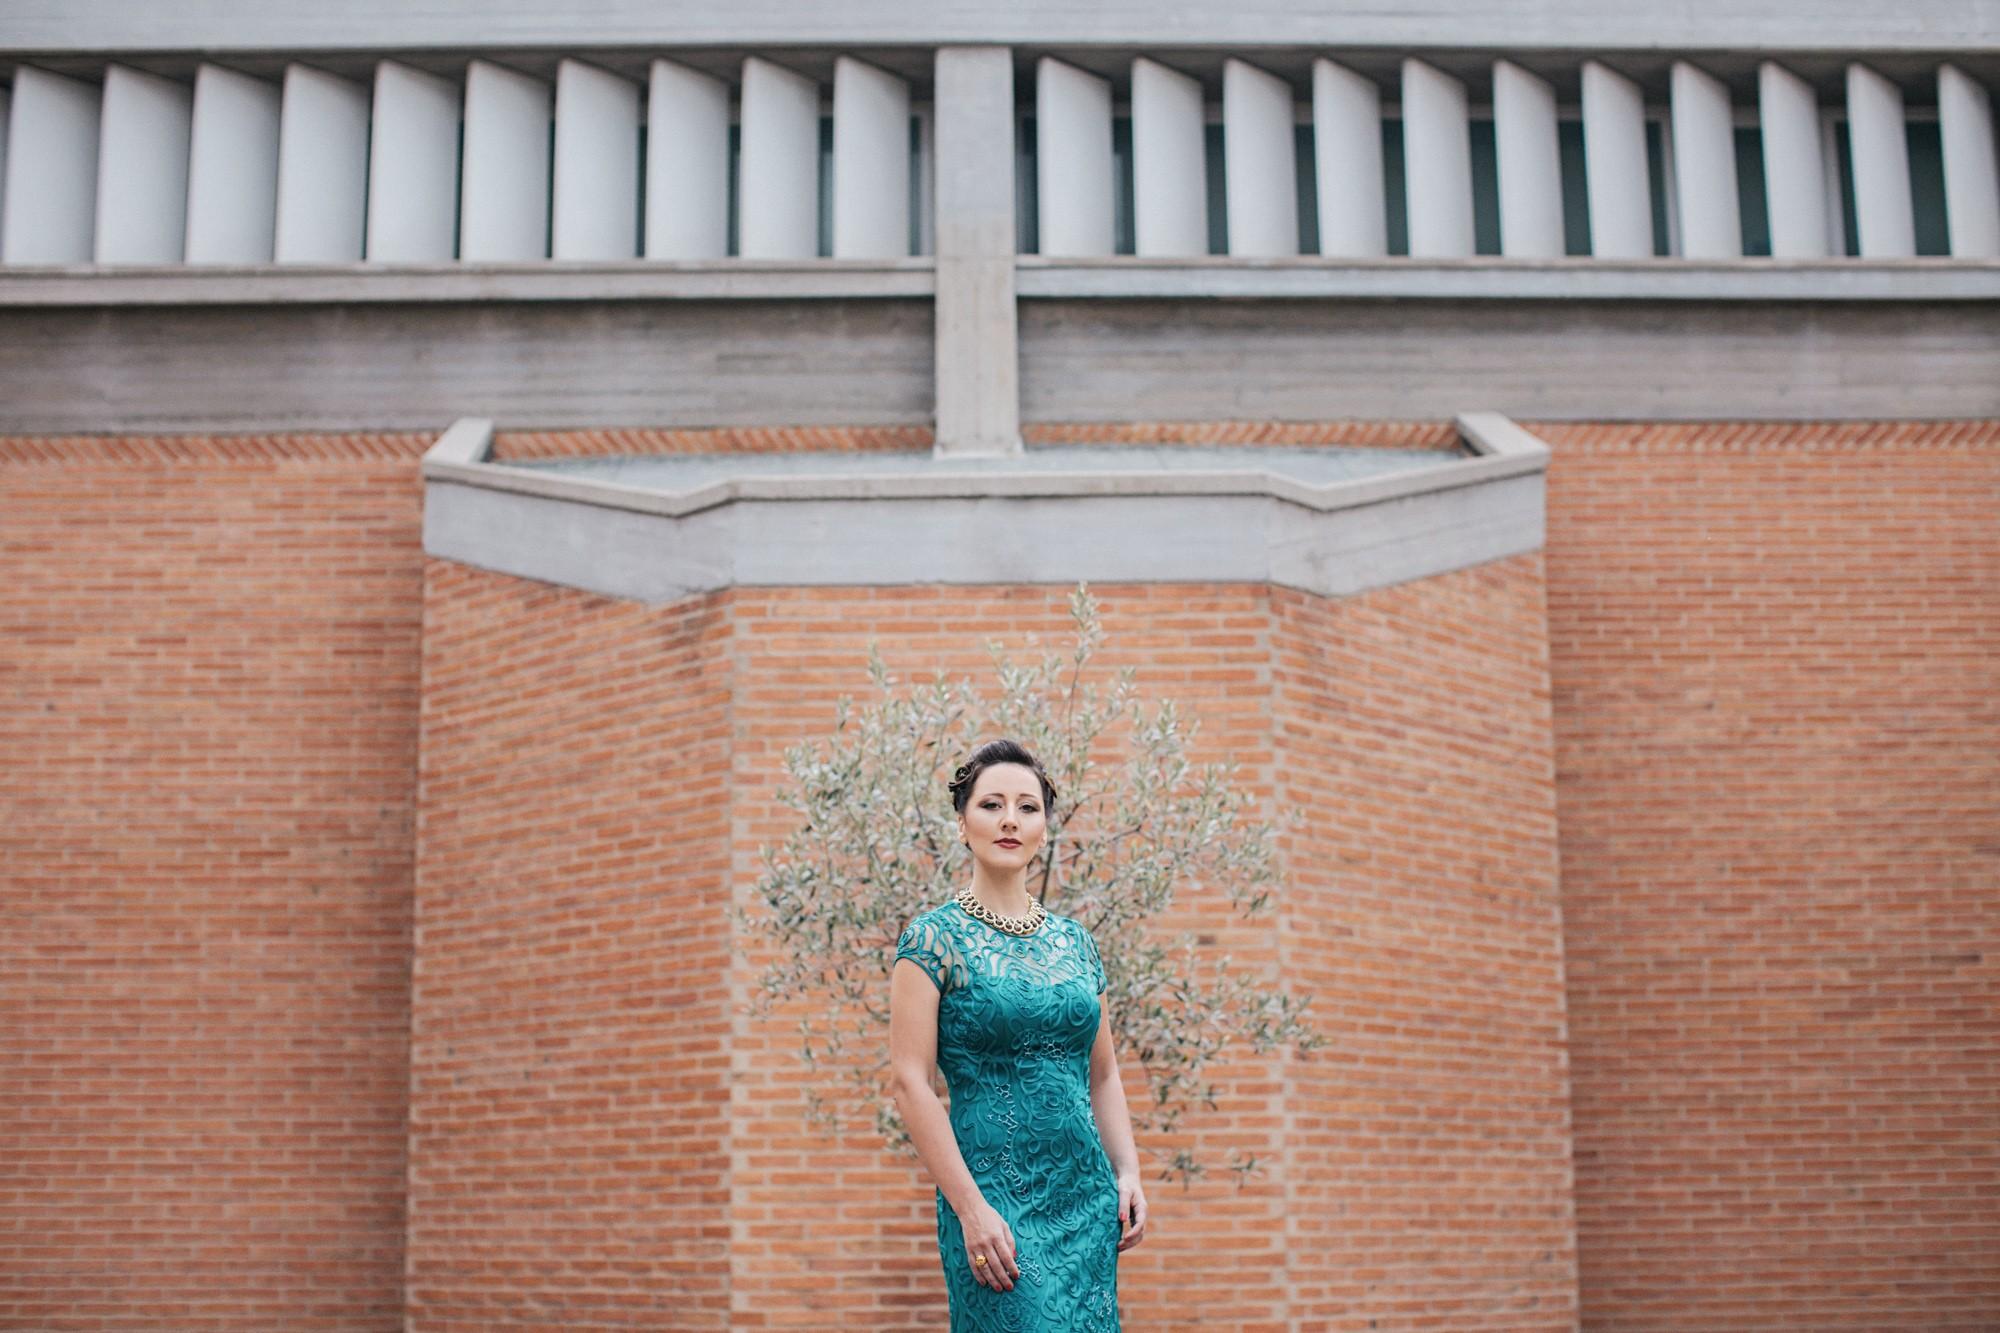 Φωτογράφιση πορτραίτου | Έλσα Γιαννουλίδου